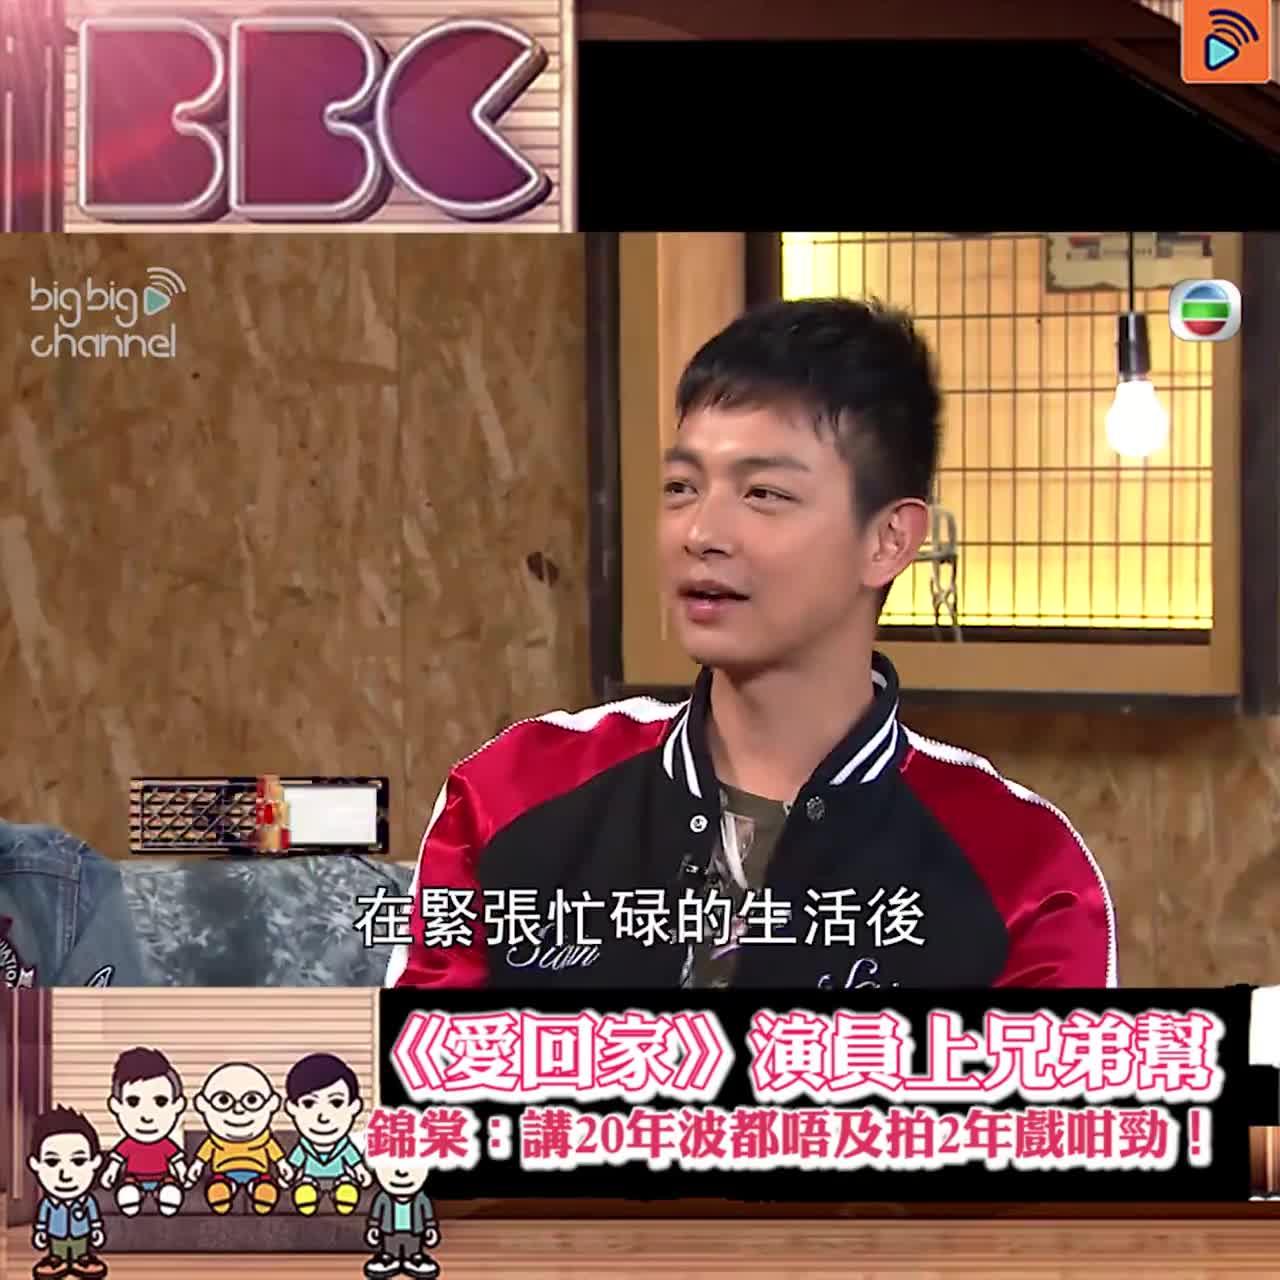 《愛回家》演員上兄弟幫  錦棠:講咗20年波都唔及拍2年戲咁勁!